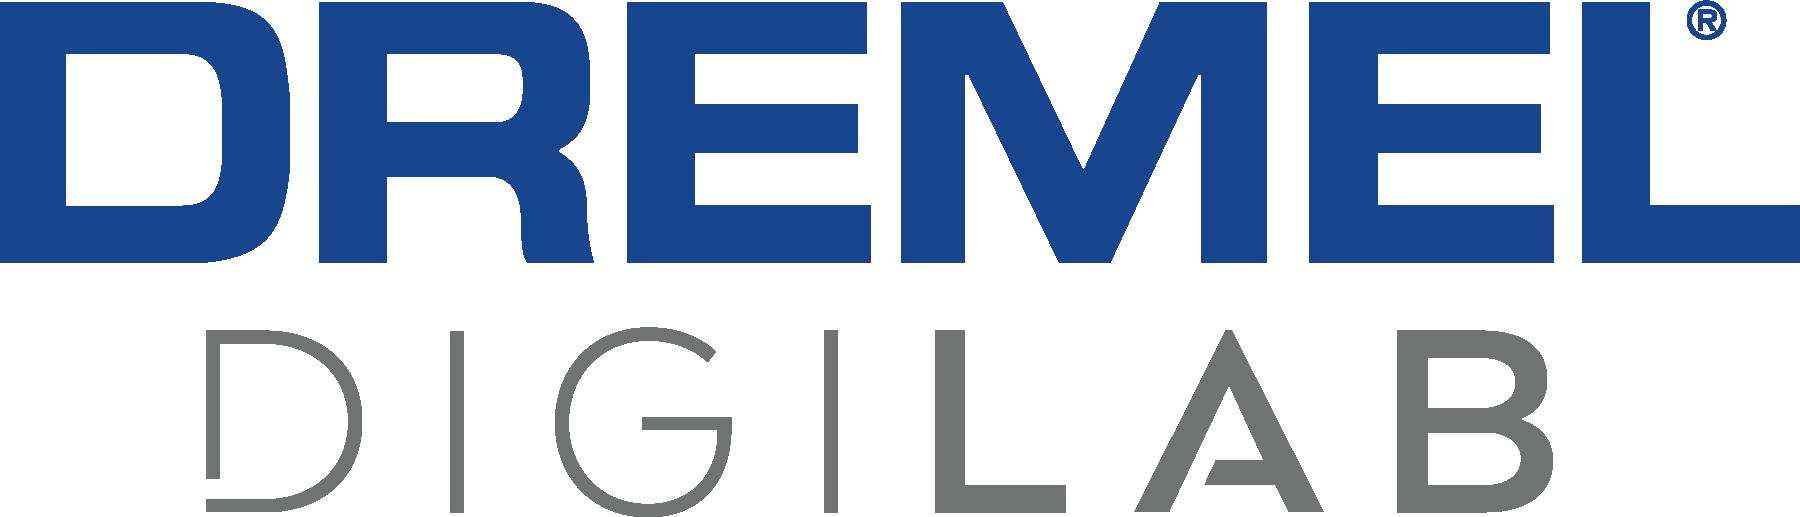 170221_DaVinci_Logo_Primary